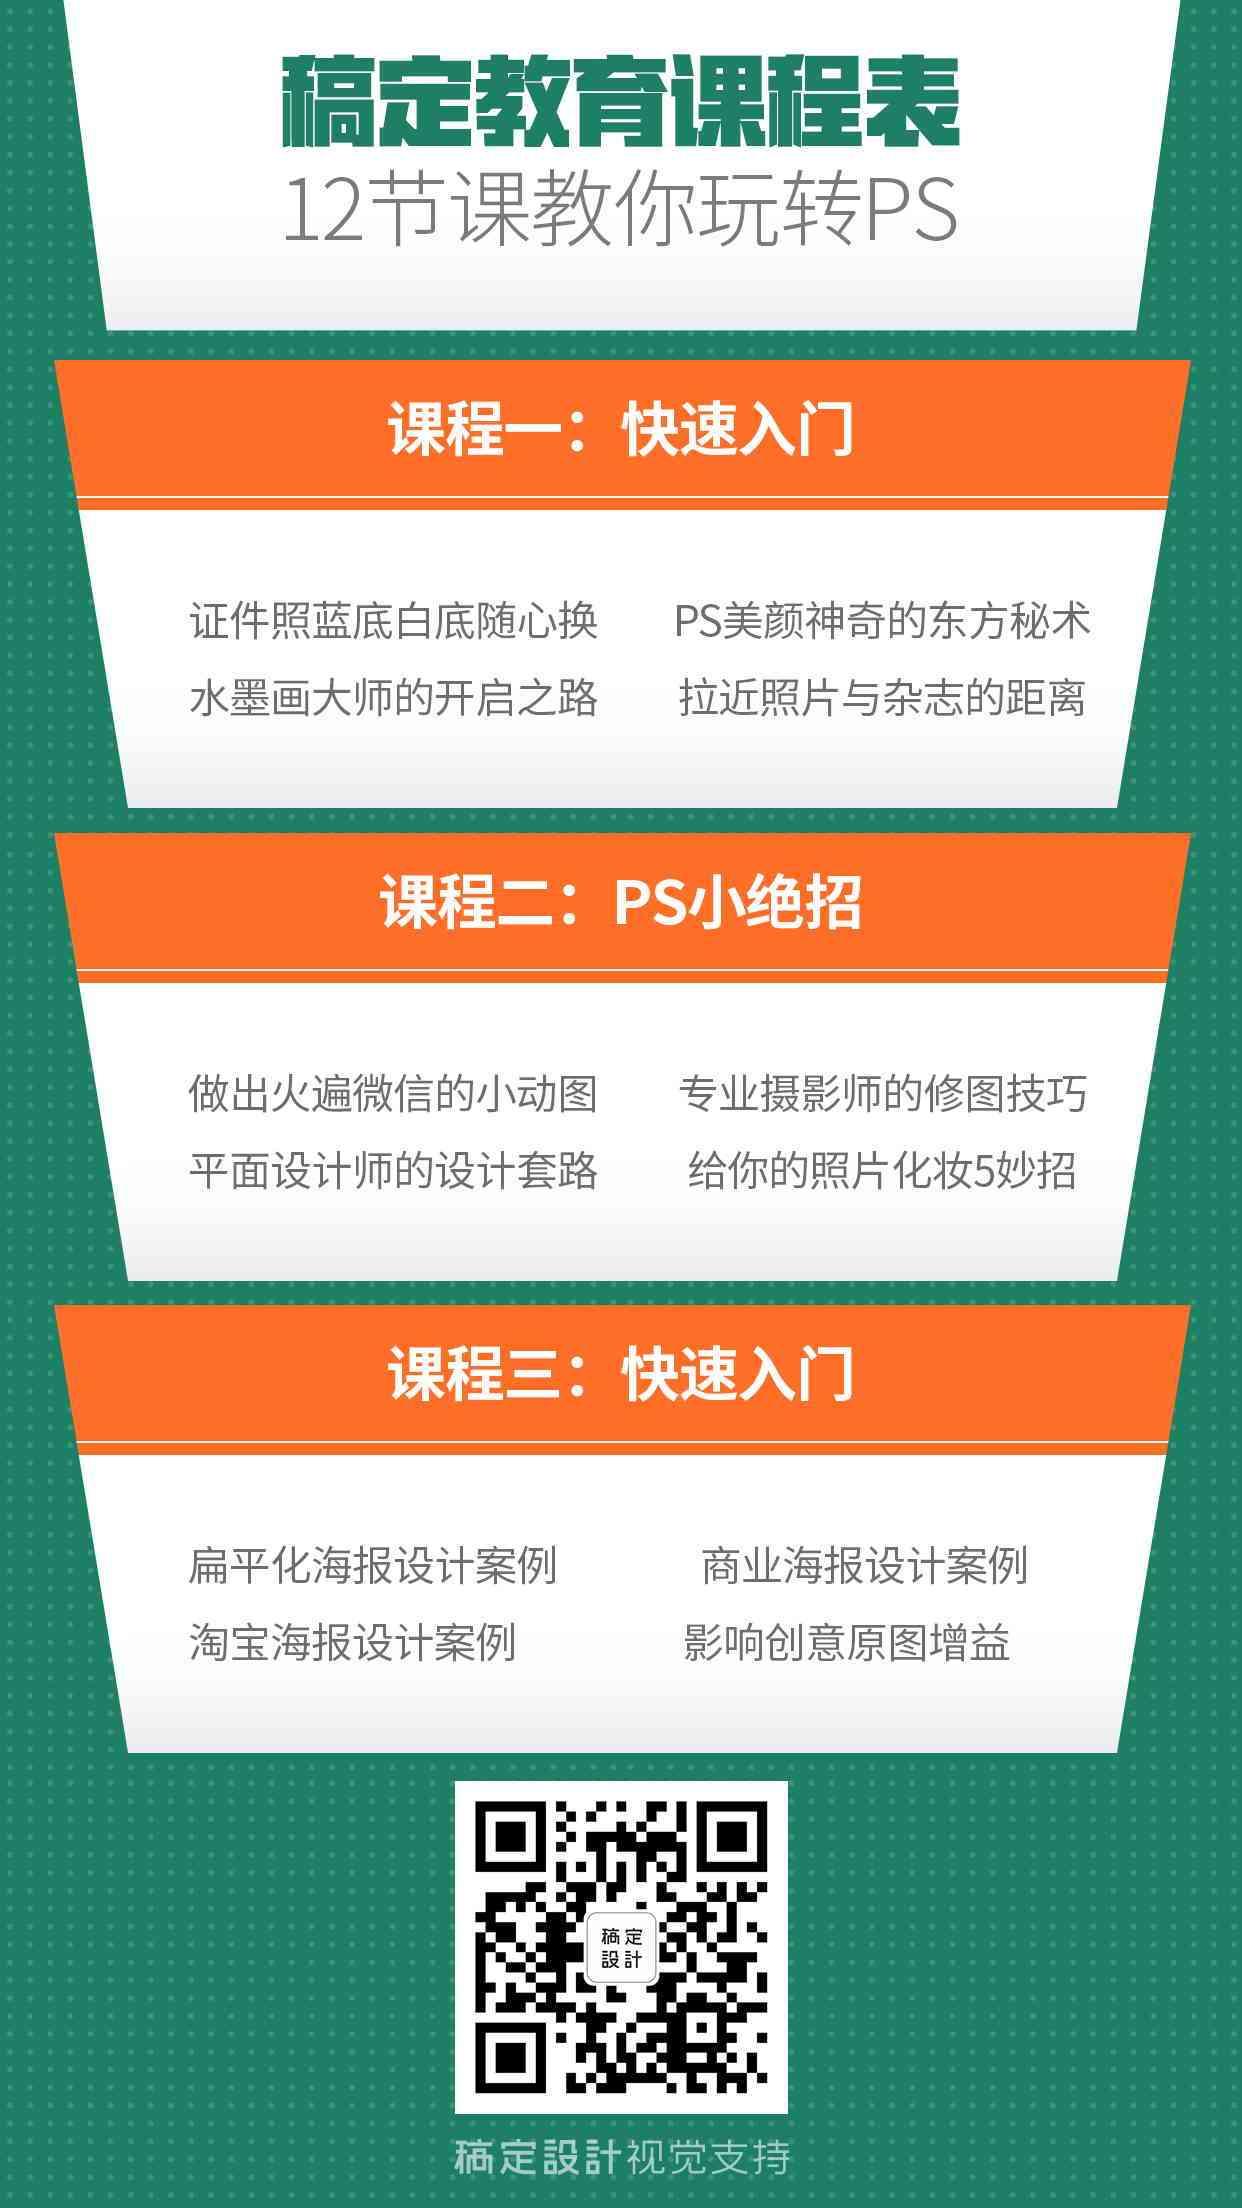 PS教育课程手机海报